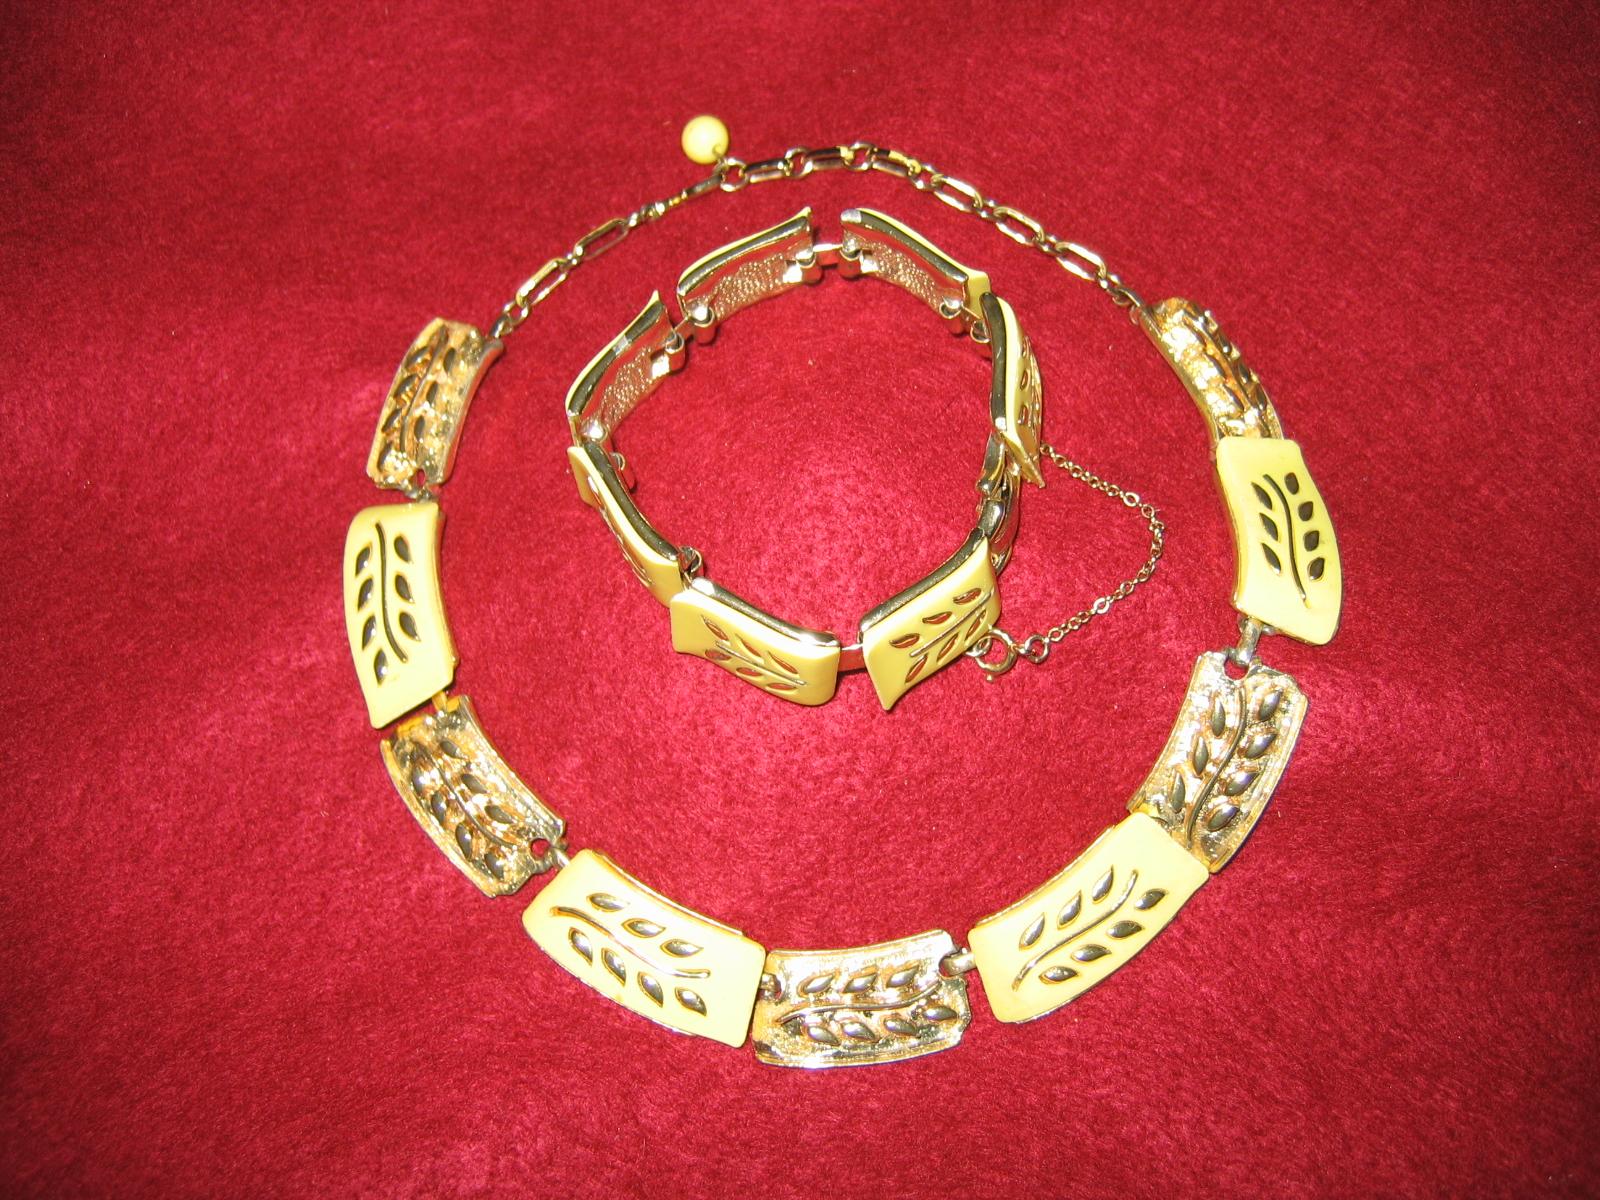 Vintage costume jewelry vendors